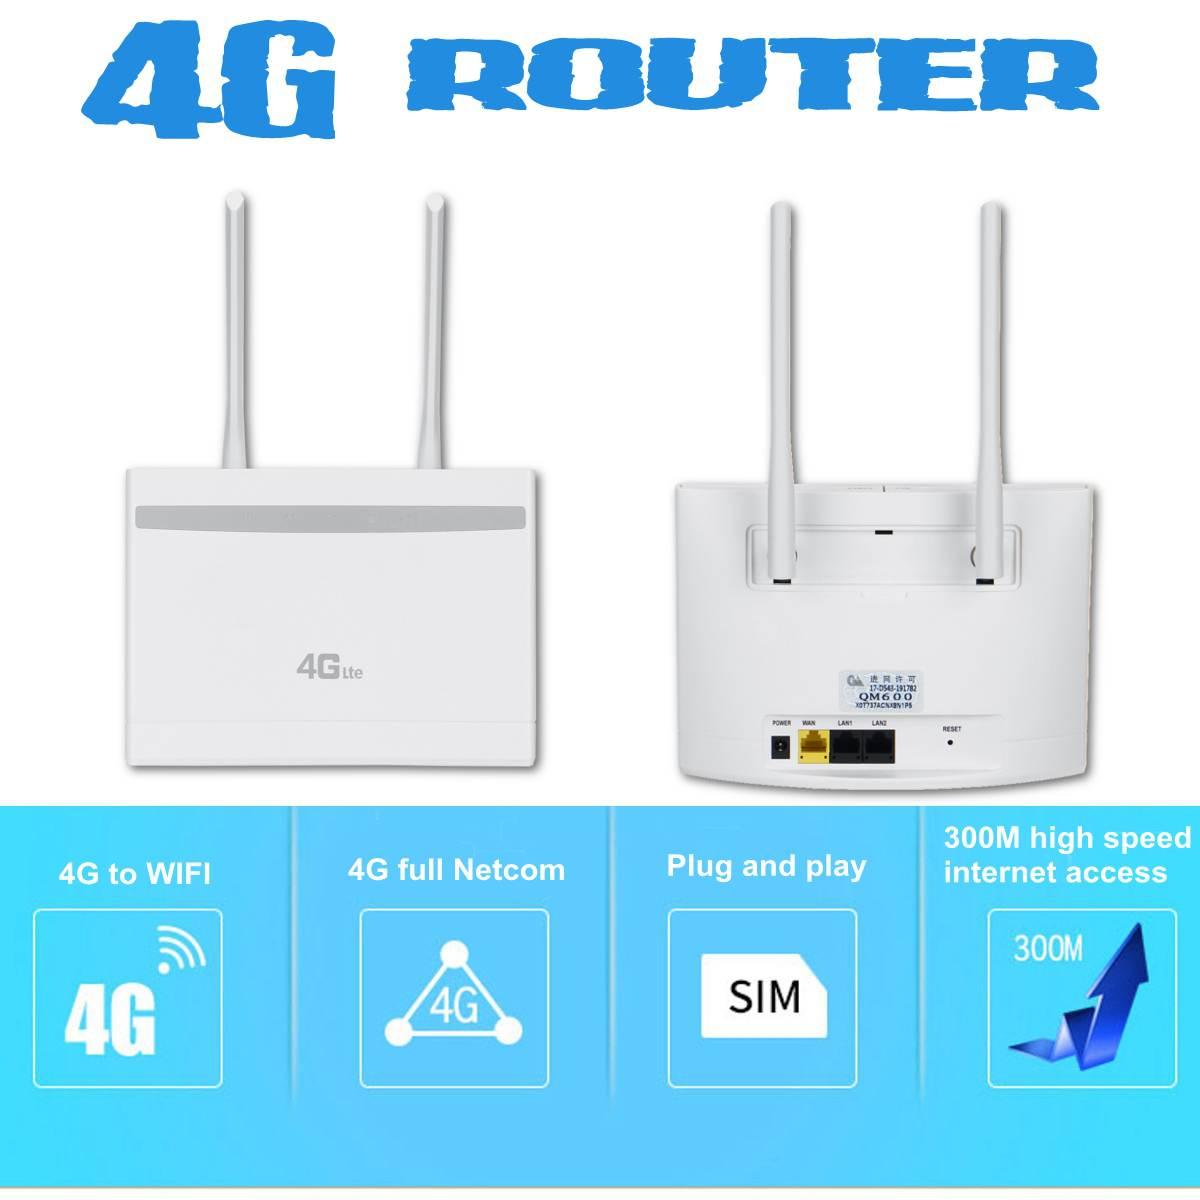 Nouveau routeur WIFI sans fil 3G/4G 300Mbps 4G LTE Modem routeur WIFI CPE avec emplacement pour carte Sim PK B310, B315, B593, B525, E5186